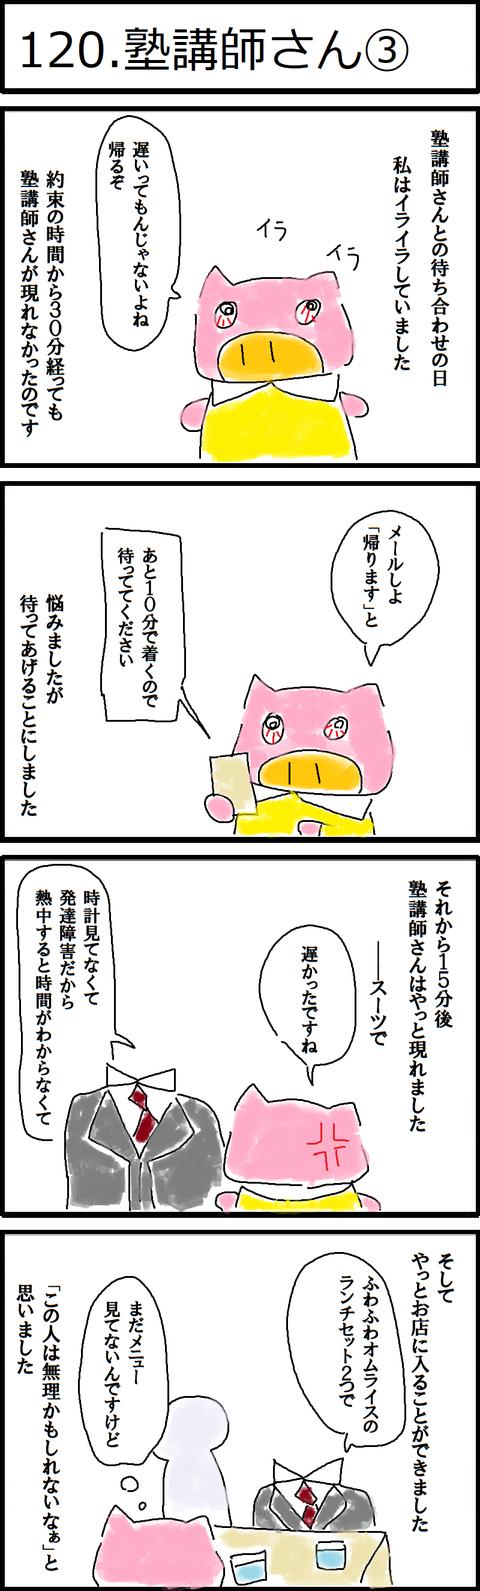 120.塾講師さん③